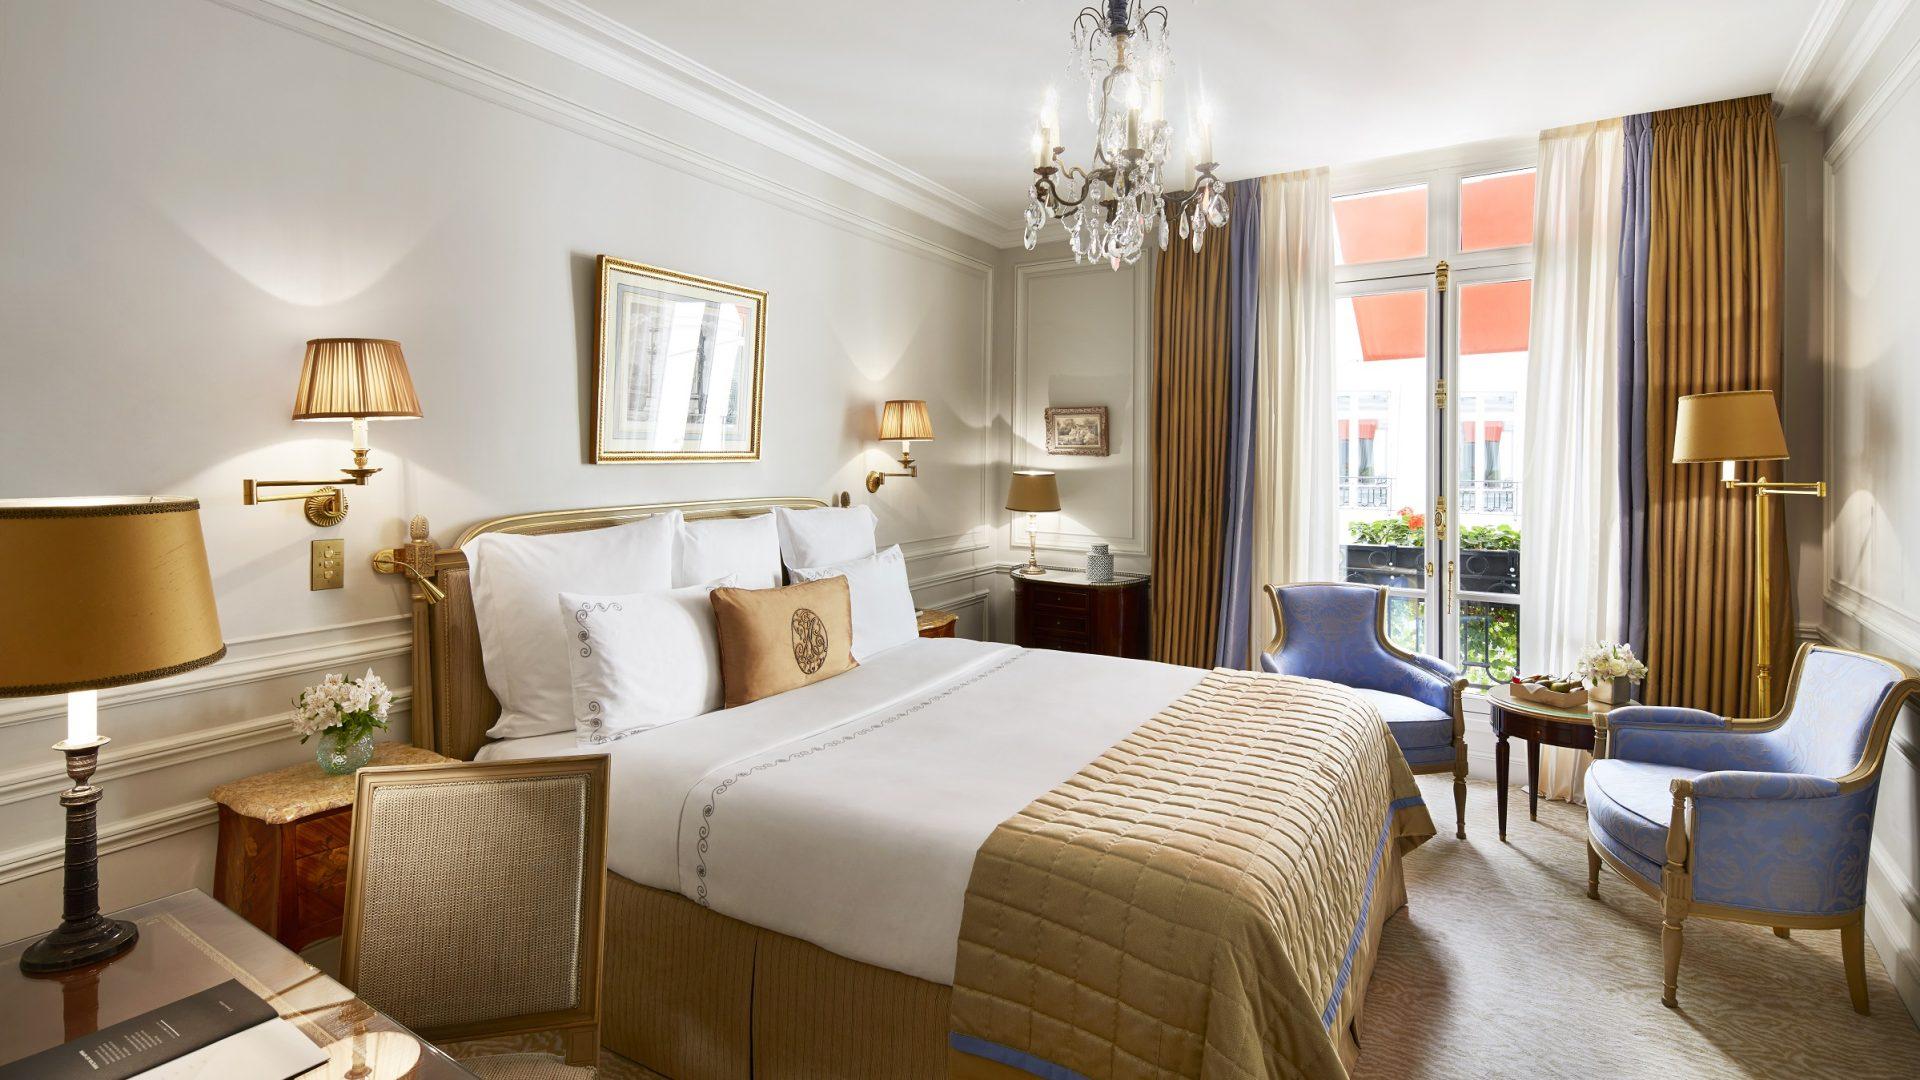 Chambre classique - Hôtel Plaza Athénée  Dorchester Collection